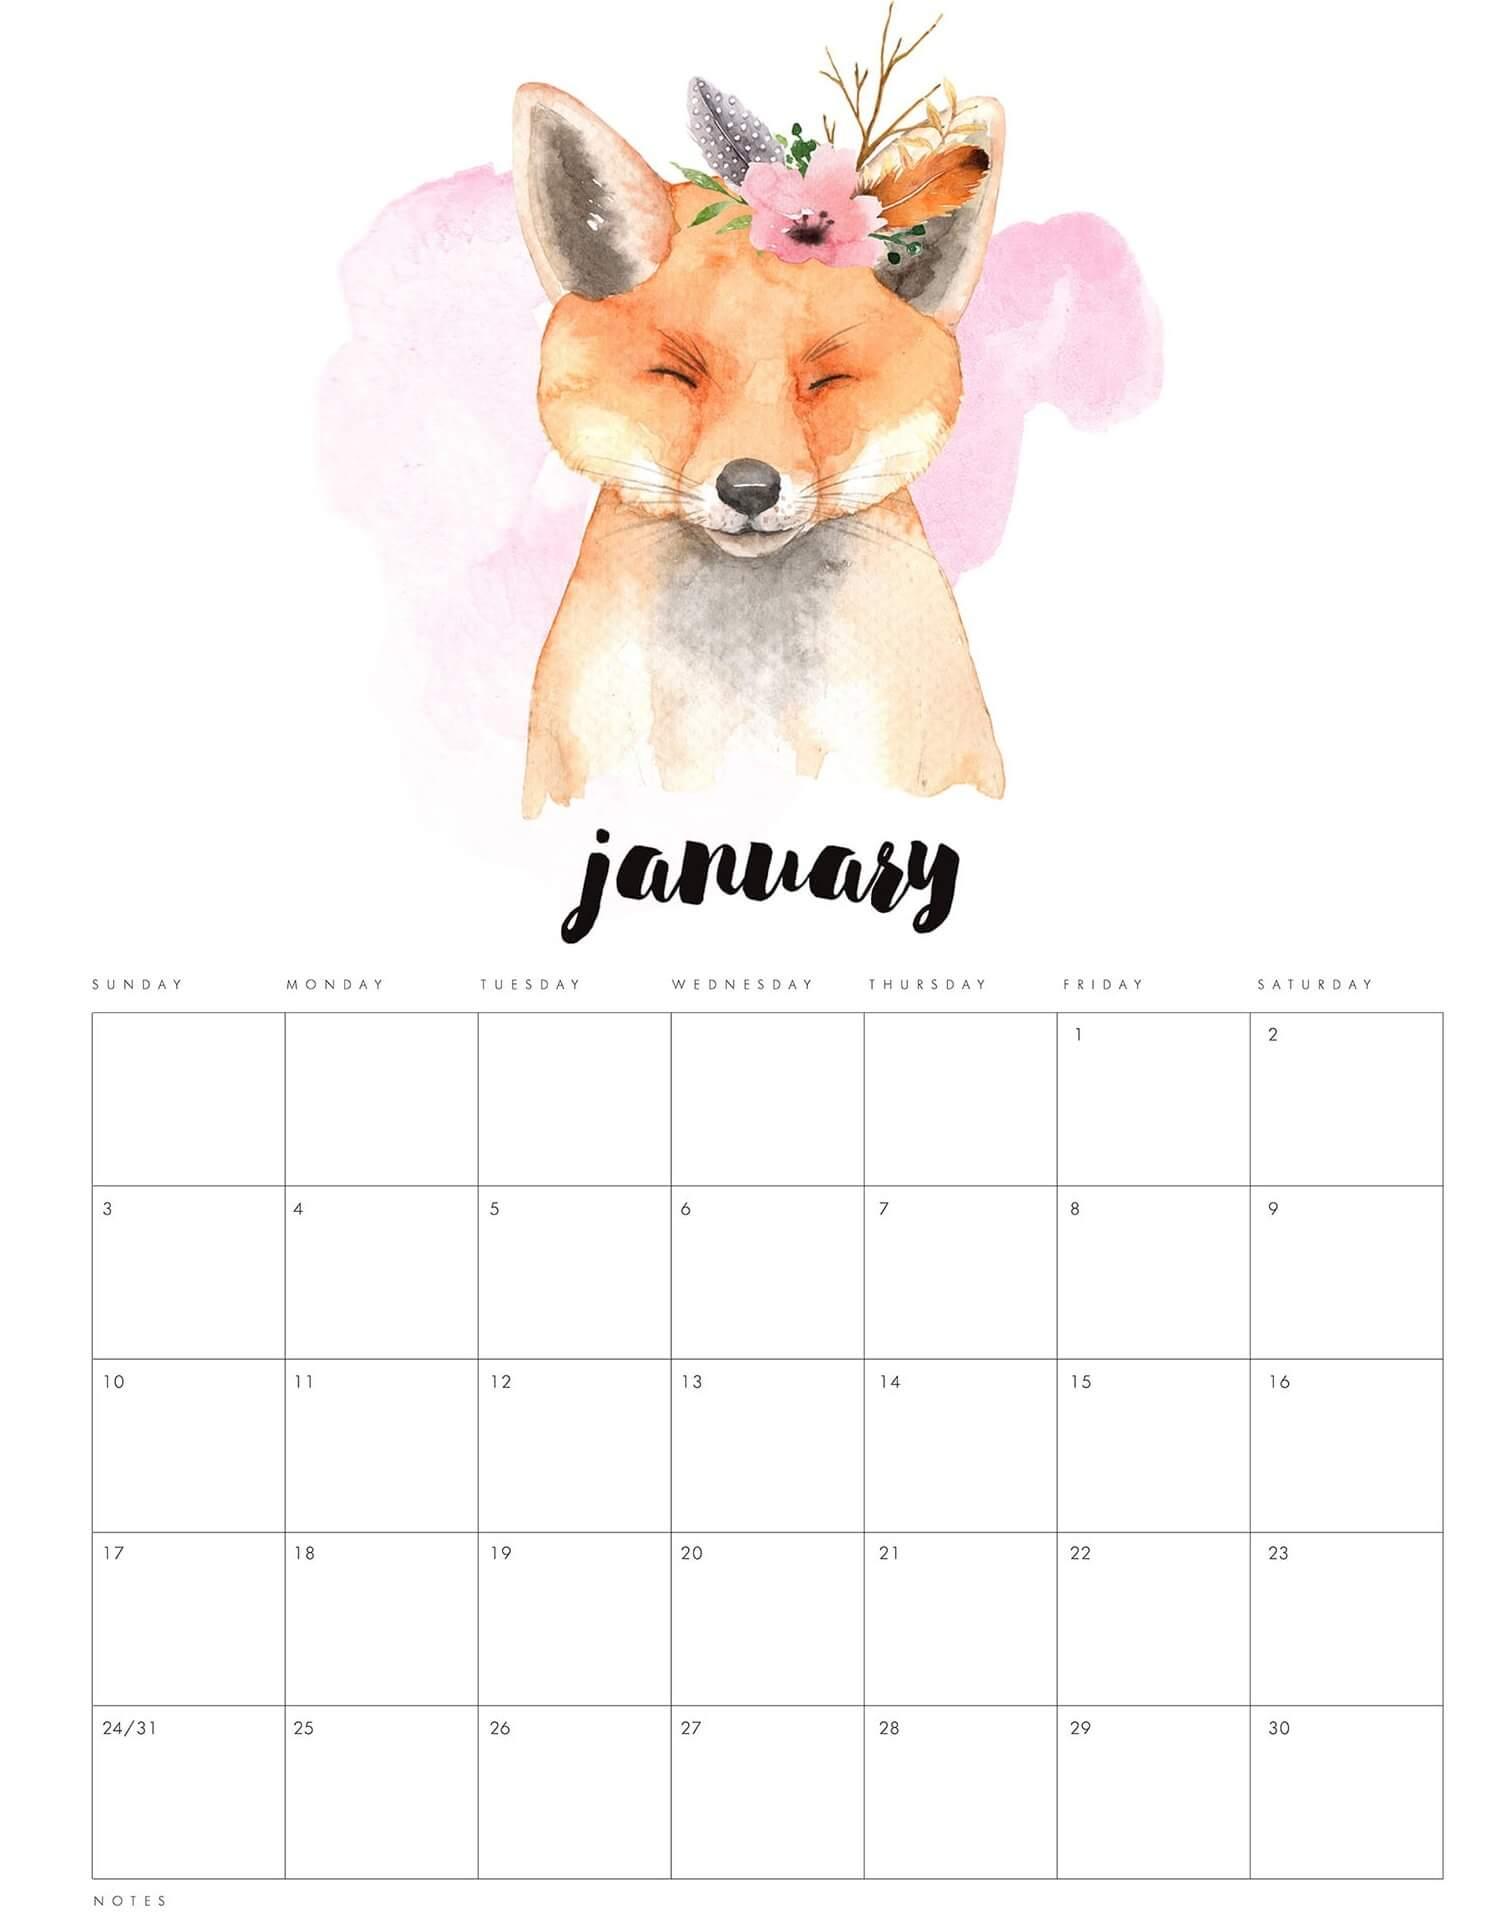 Online Calendar For January 2021